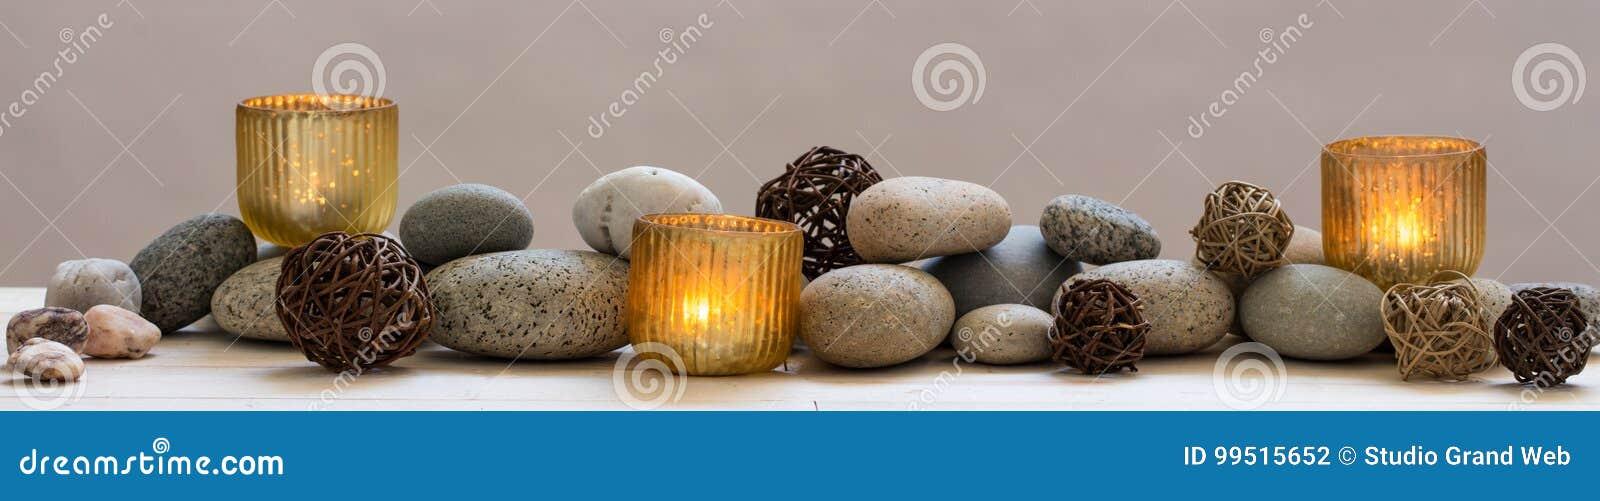 Concetto di bellezza, di pace, di spiritualità, di consapevolezza o di medicina alternativa